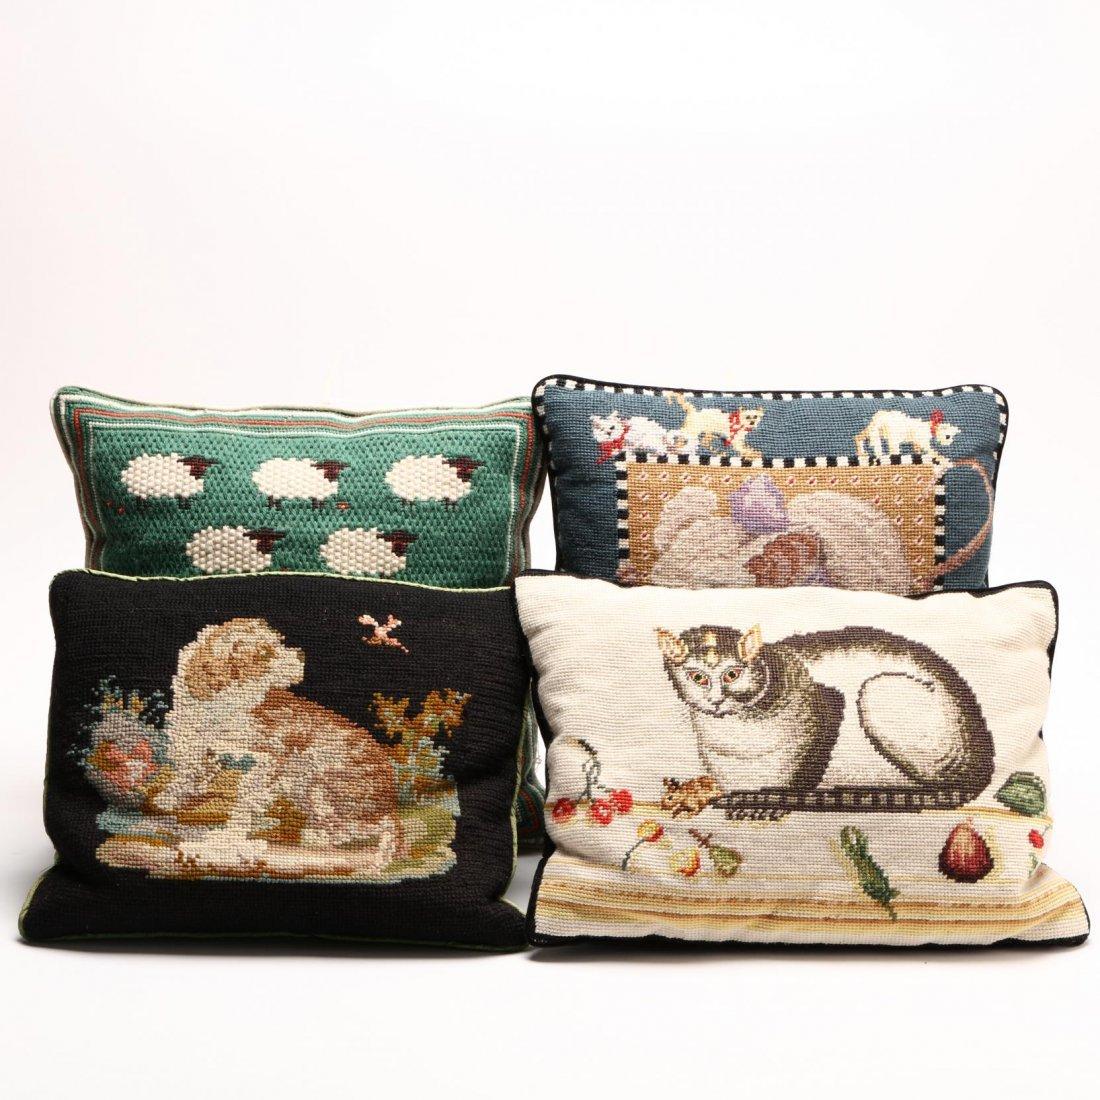 Four Vintage Needlepoint Pillows